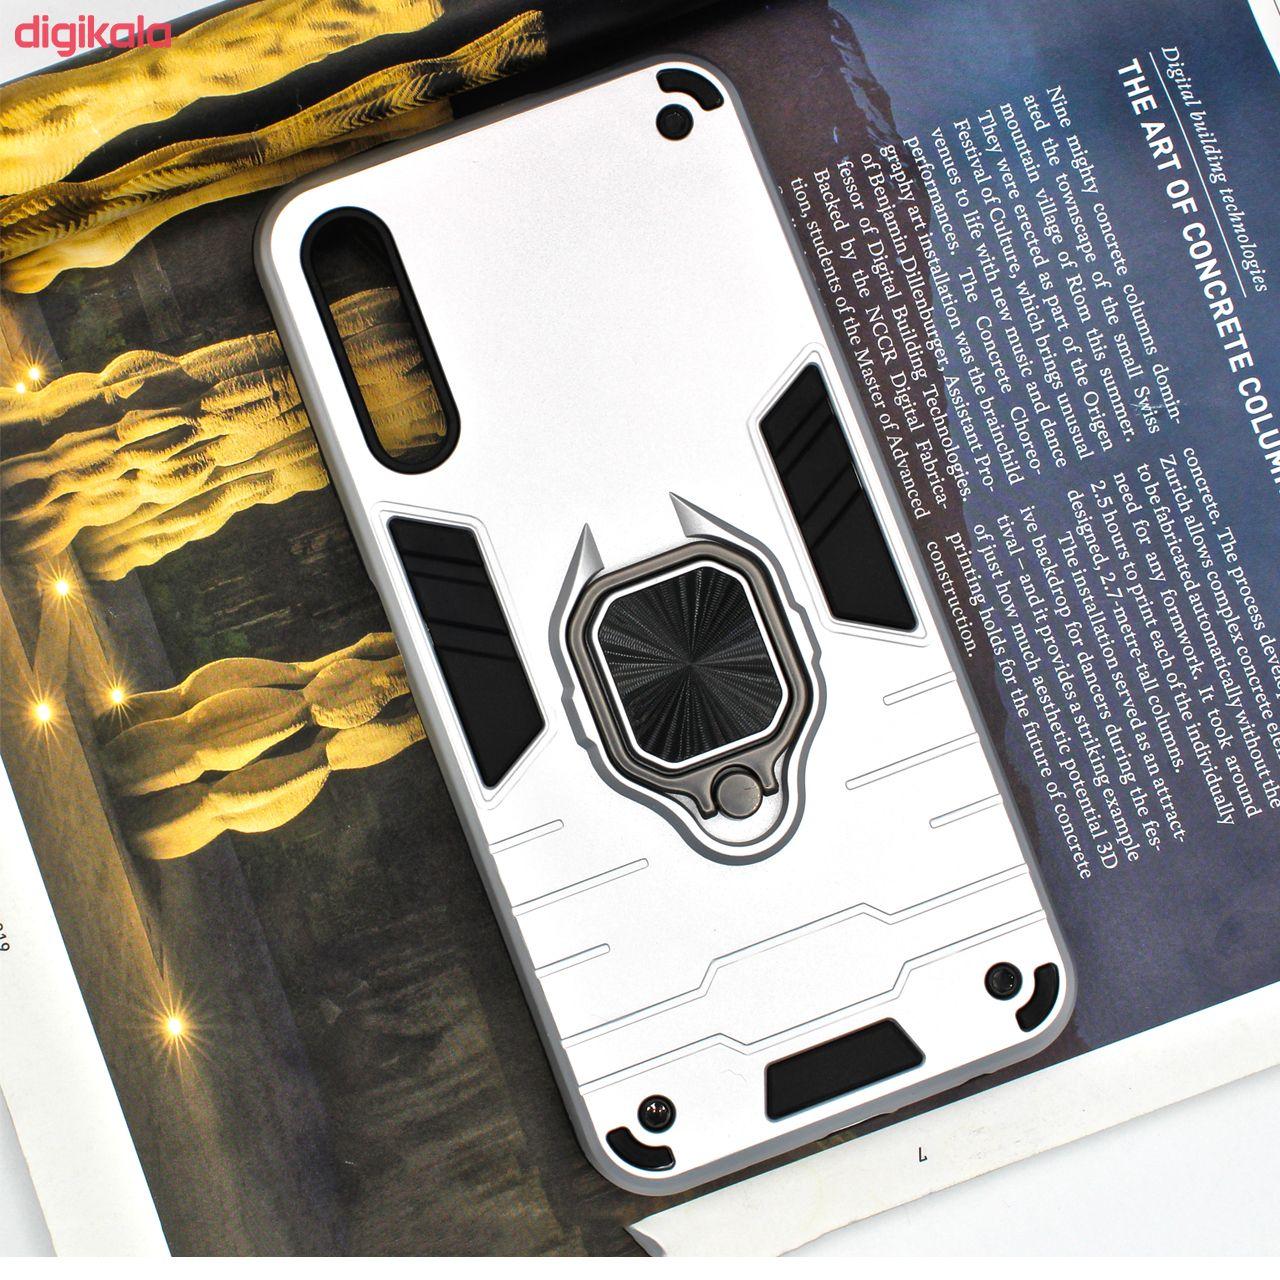 کاور کینگ پاور مدل ASH22 مناسب برای گوشی موبایل هوآوی Y9s main 1 11